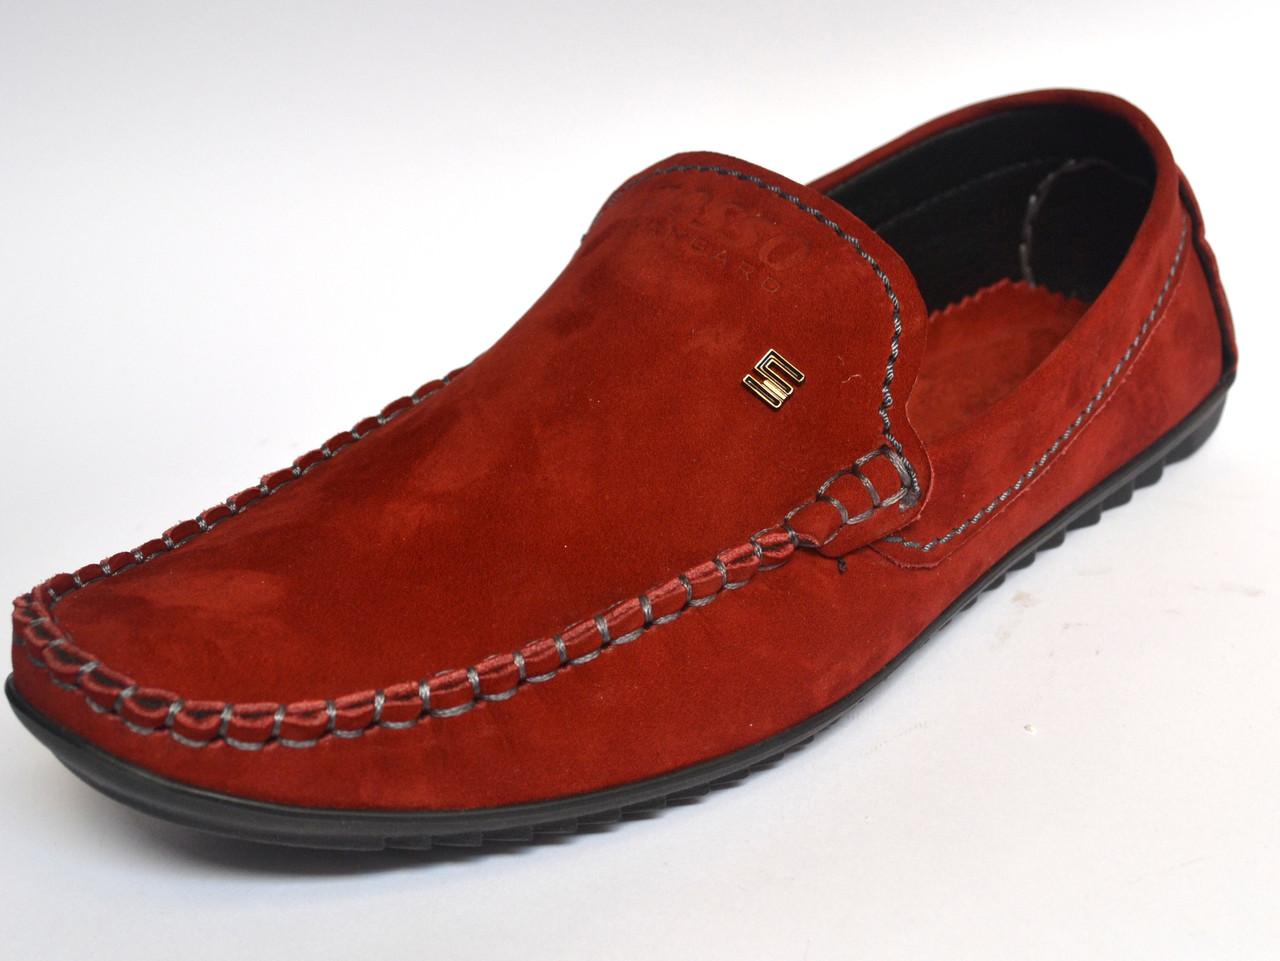 Замшевые мокасины мужские красные стильные весенняя обувь Rosso Avangard Alberto Red